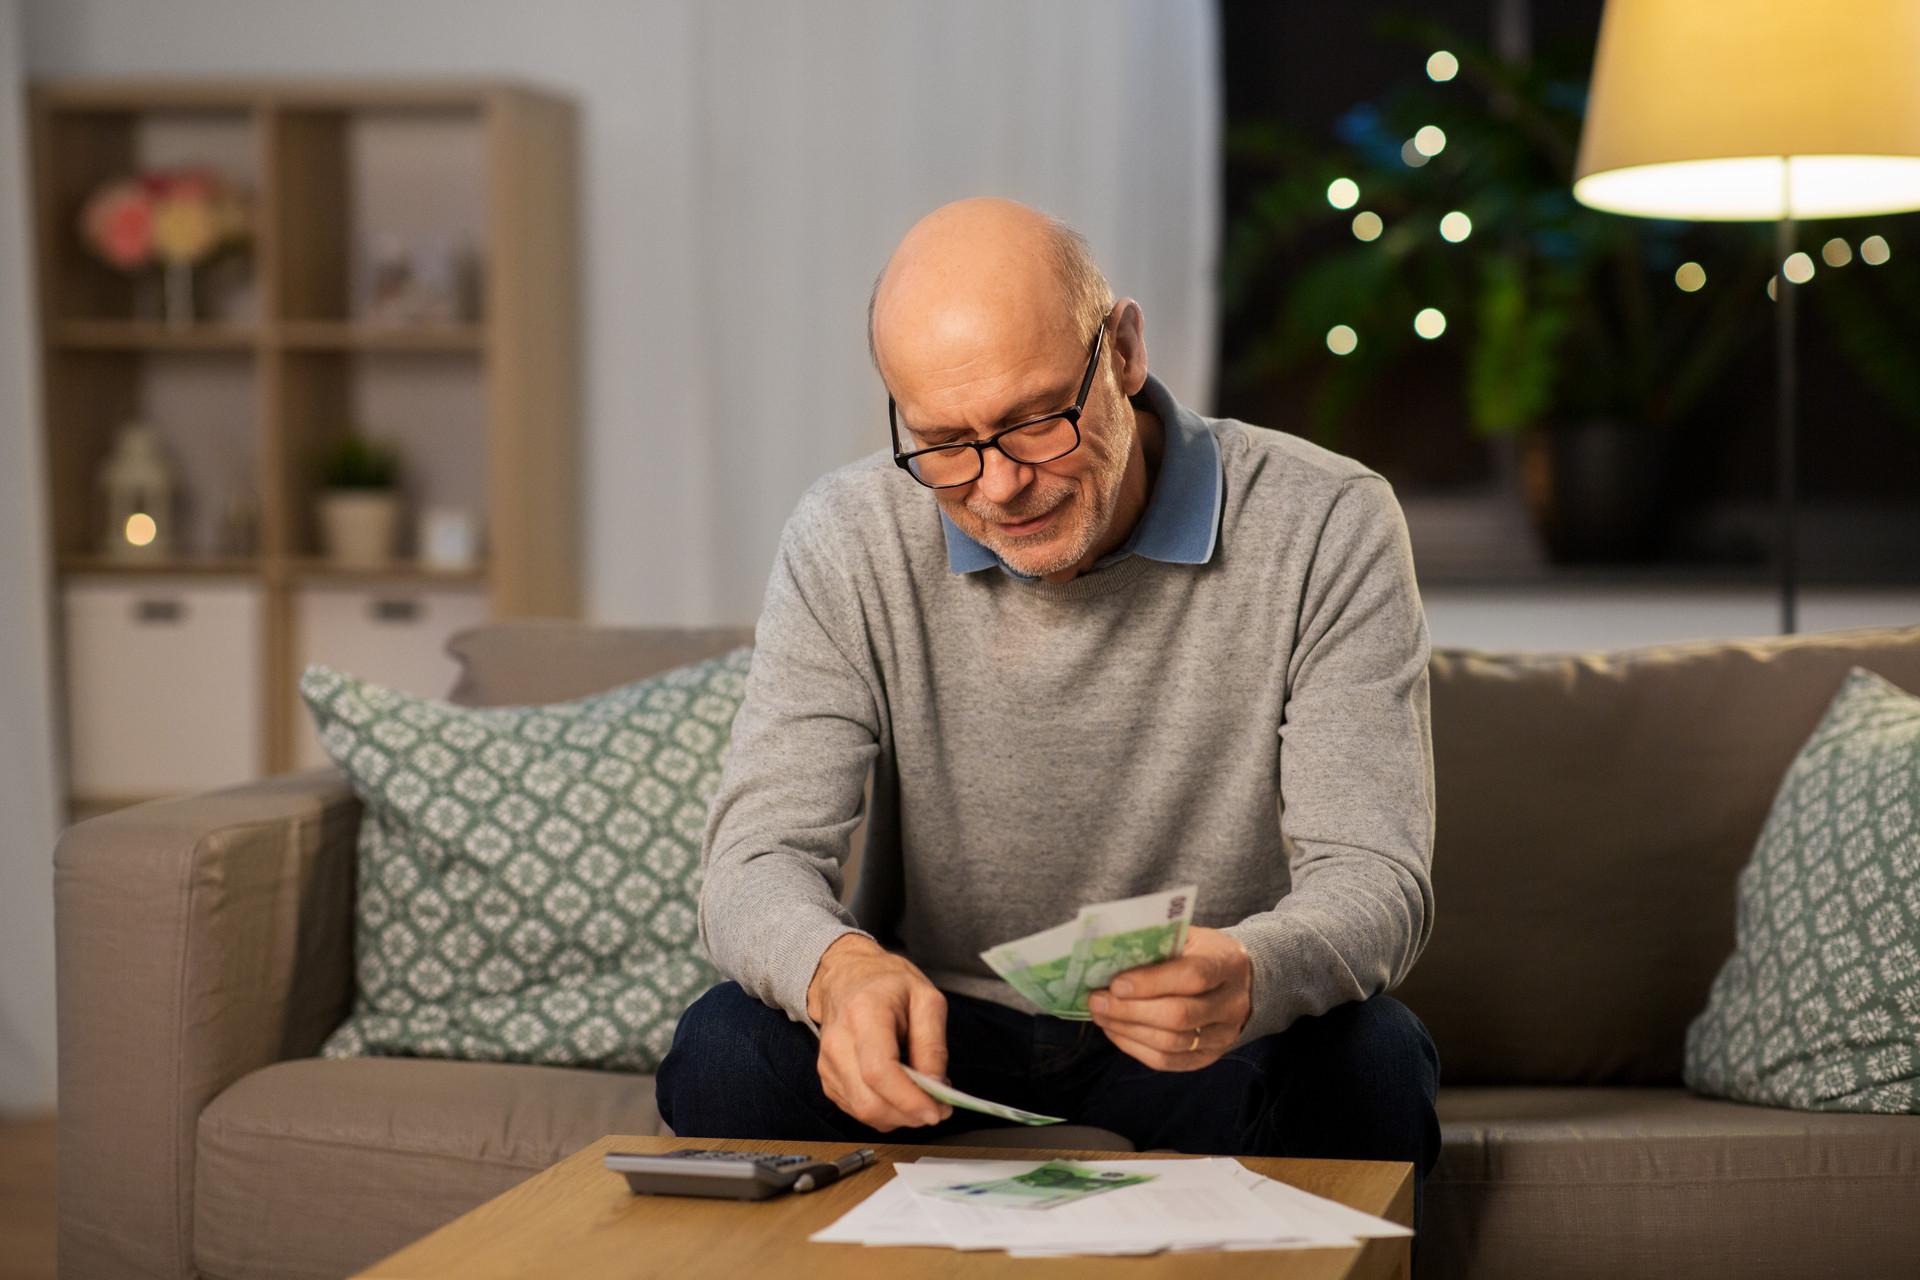 常见的年金保险分类标准标准有哪些